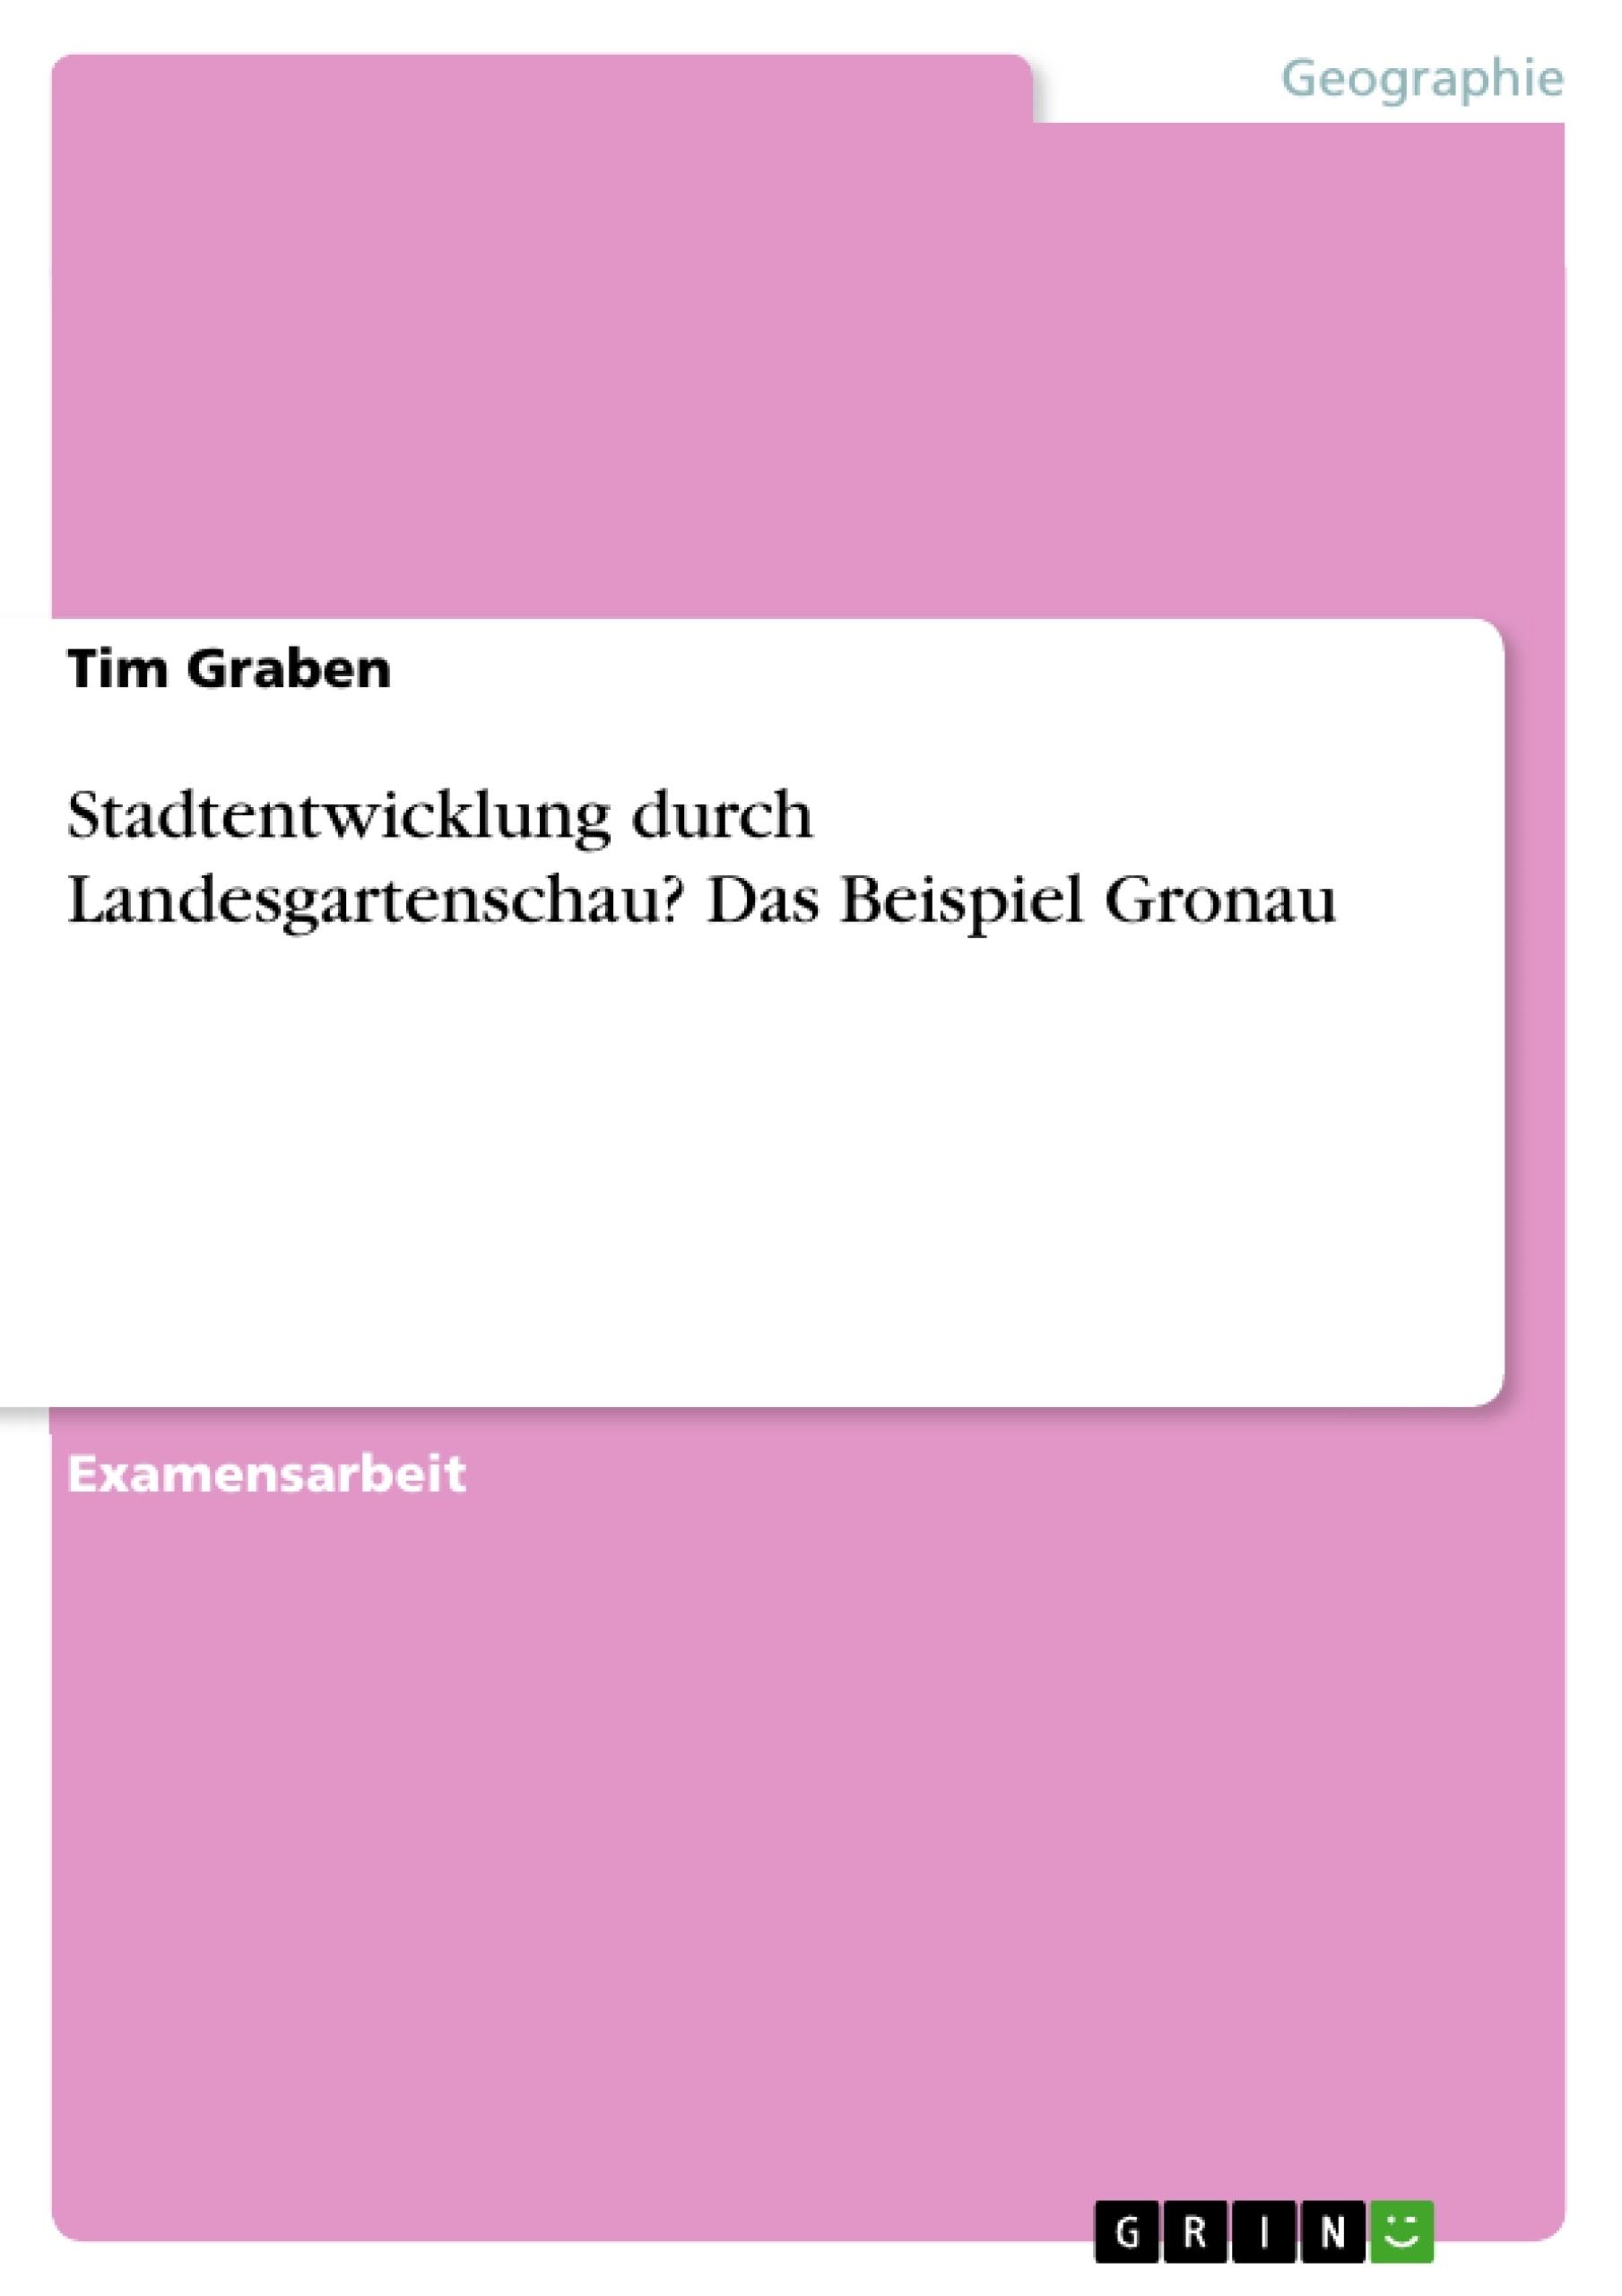 Titel: Stadtentwicklung durch Landesgartenschau? Das Beispiel Gronau